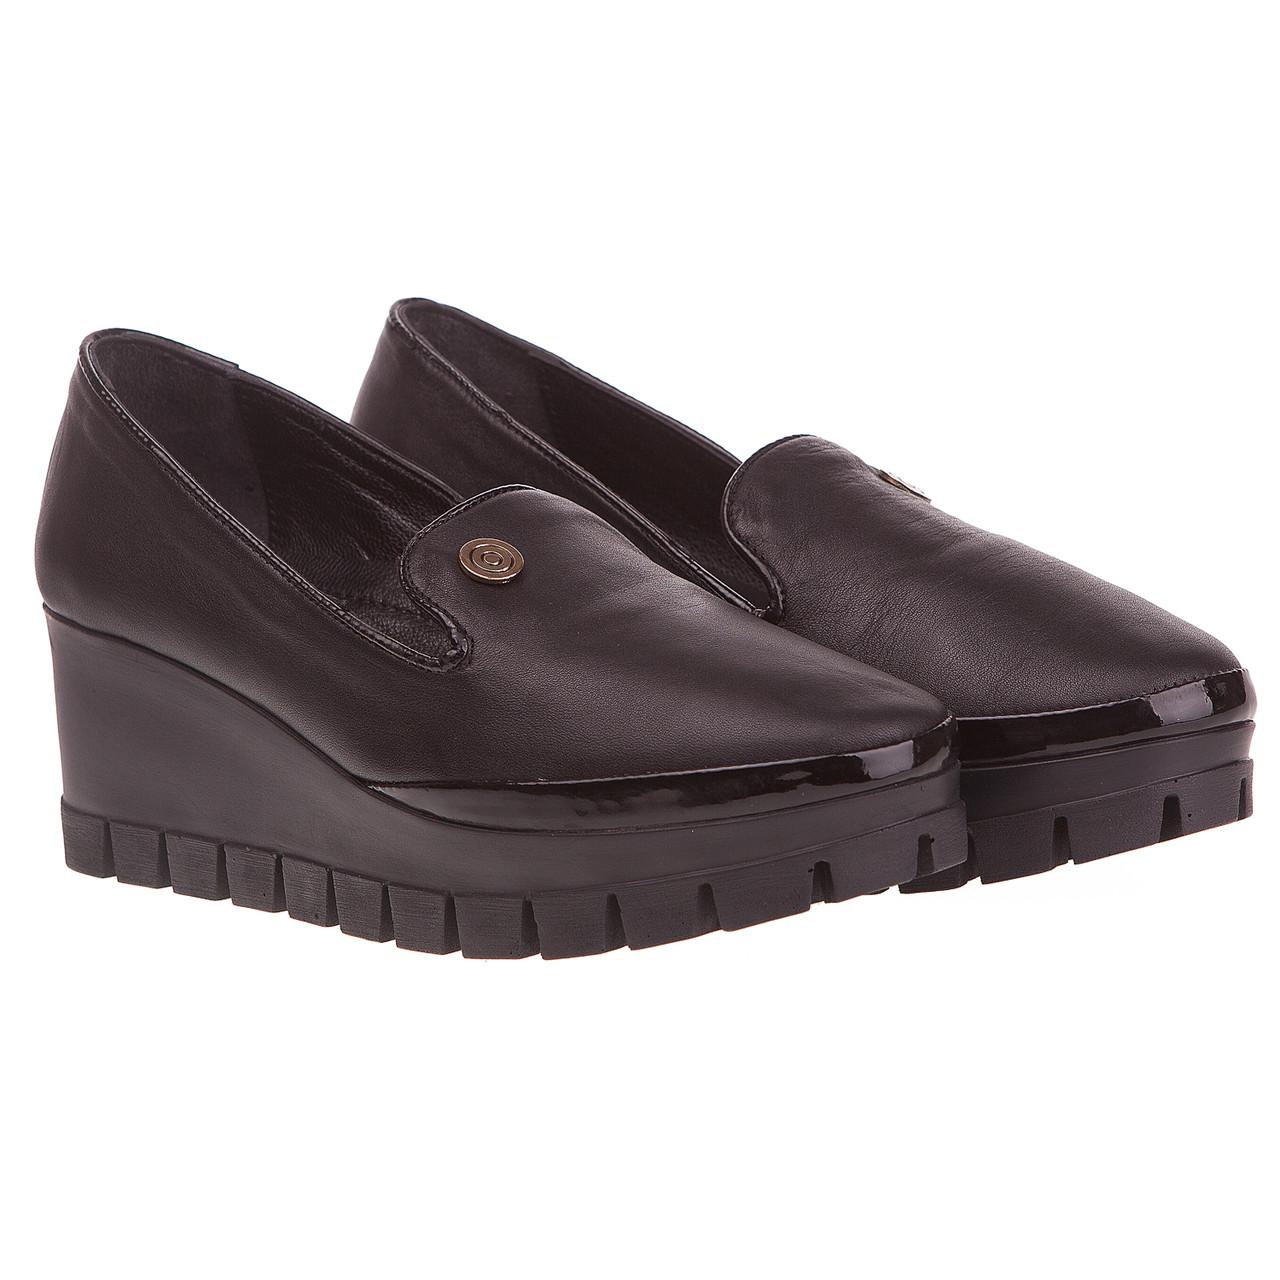 b053be456 Женские туфли лоферы Aquamarin (кожаные, стильные, с удлиненным языком,  черные, на удобной танкетке)